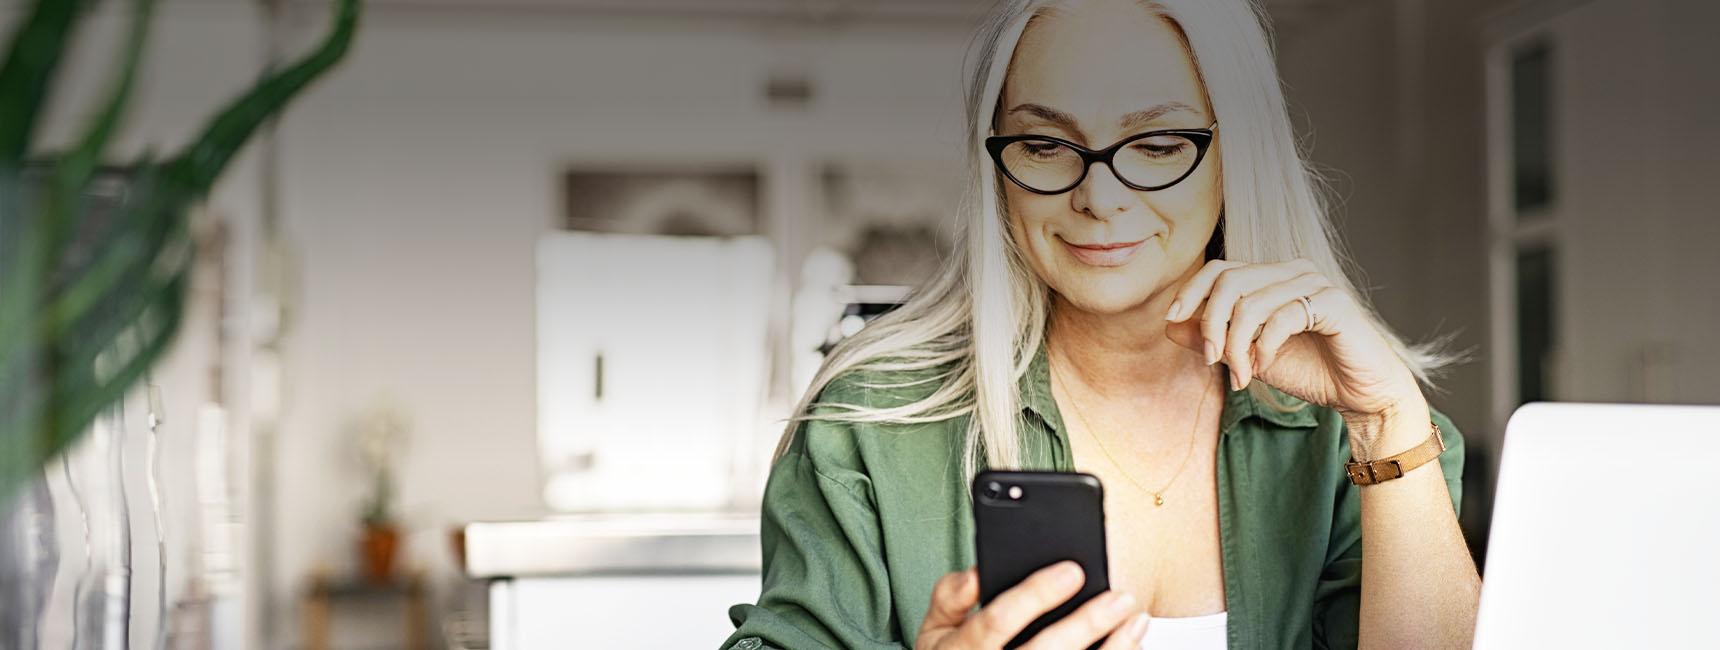 Display mobile et sms pour l'institut Charles Quentin avec Keemia Lille agence de marketing de référence en région Nord